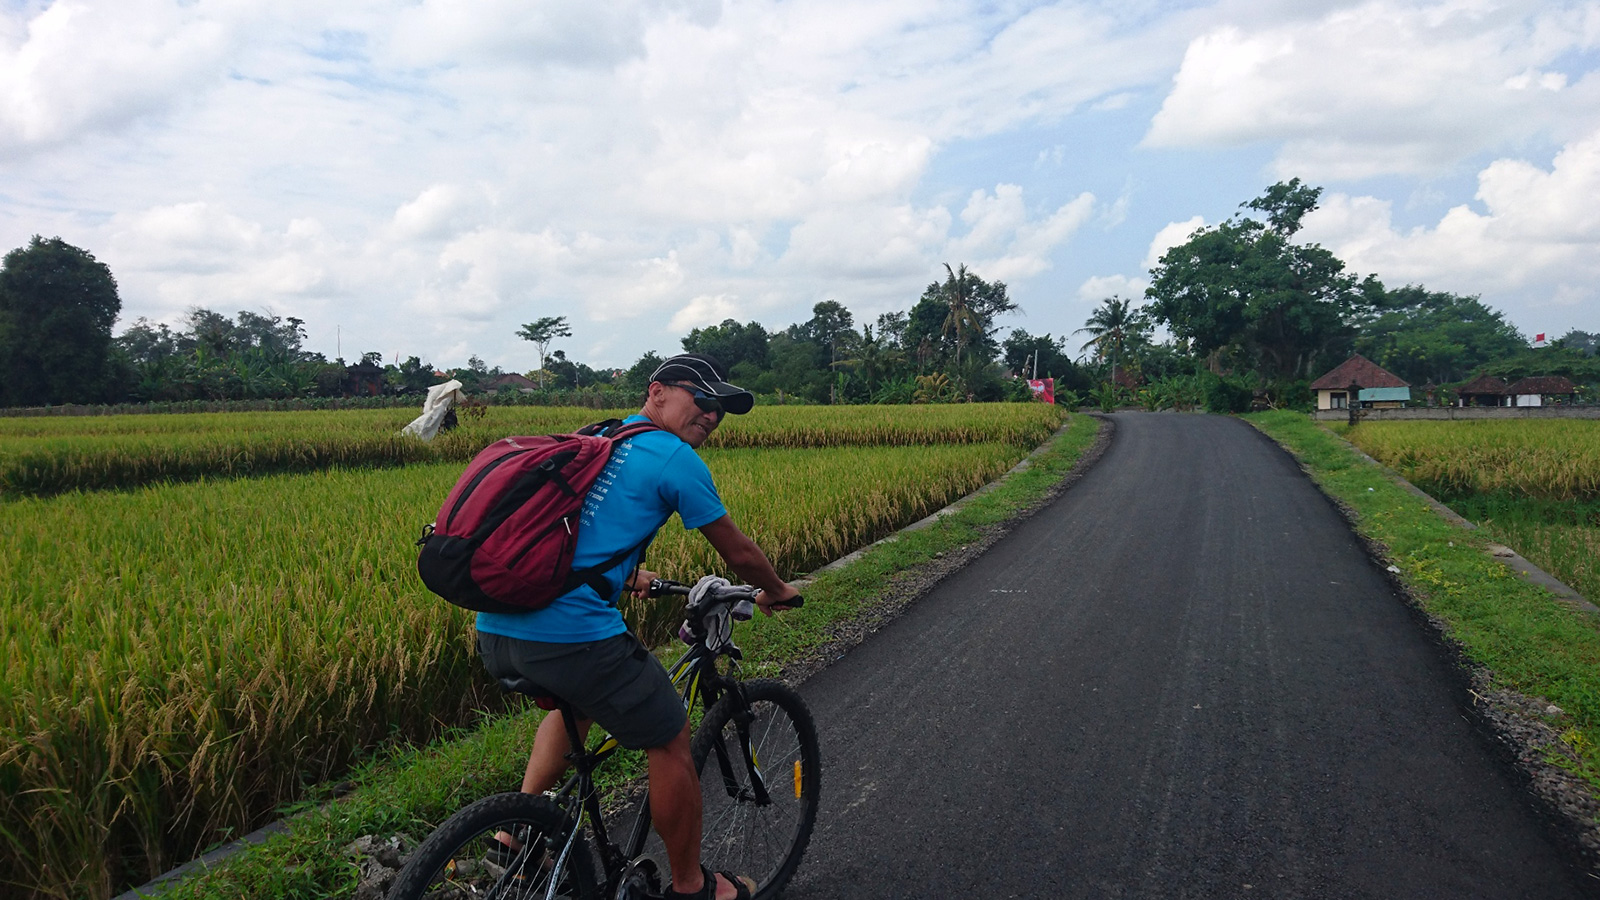 自転車でバリ島一周できるかな?ケンイチローさんと尾島の無謀旅